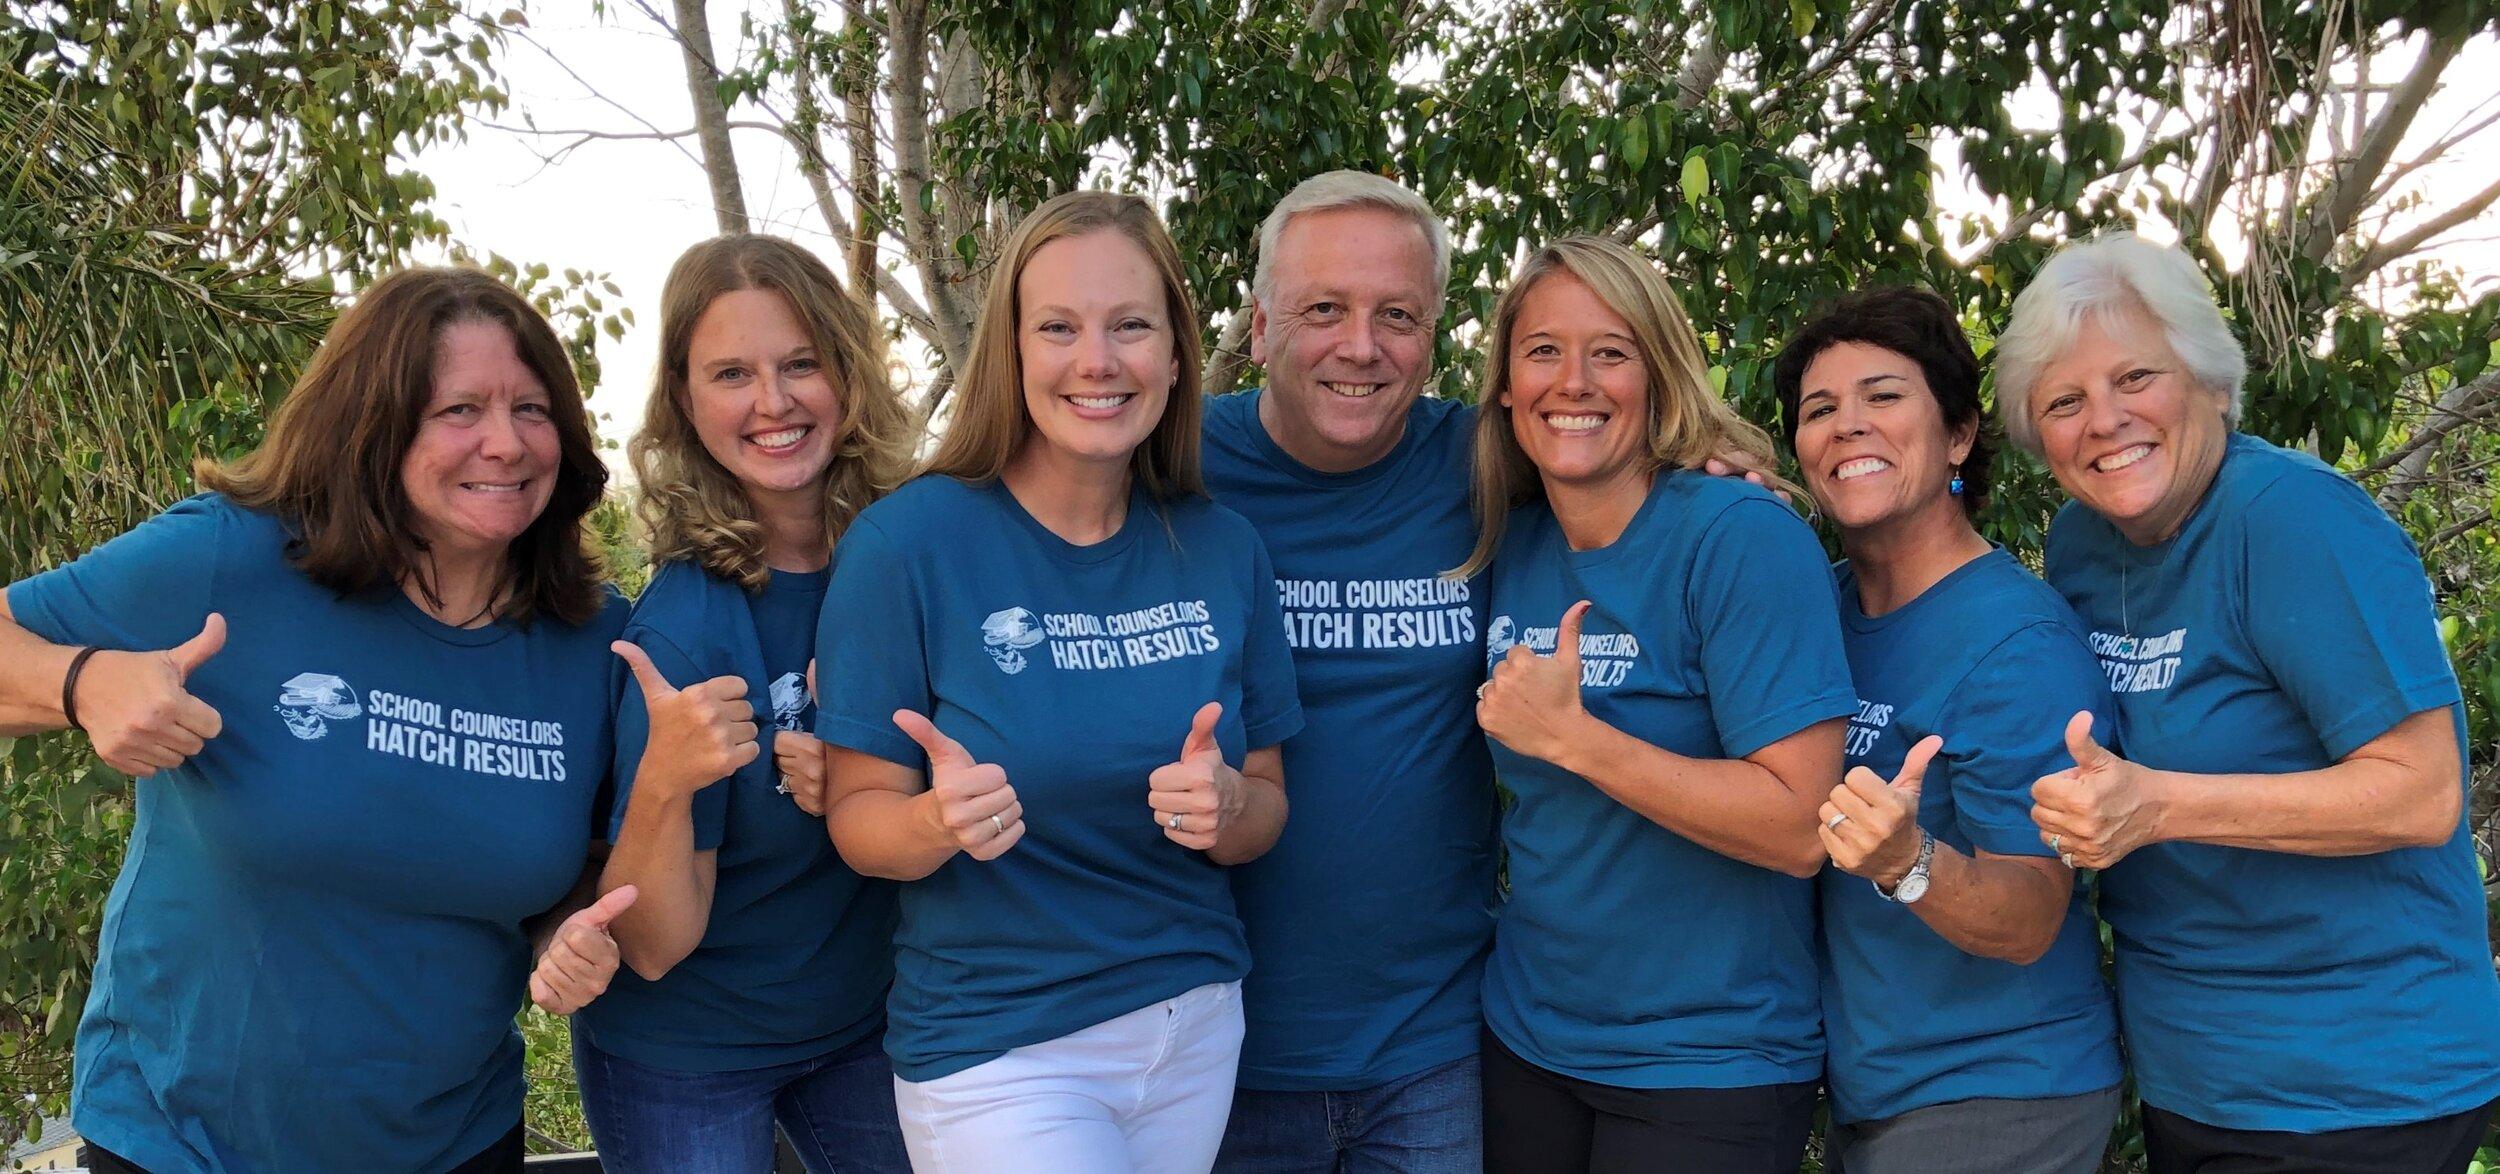 HR Internal Staff Team Photo.jpg